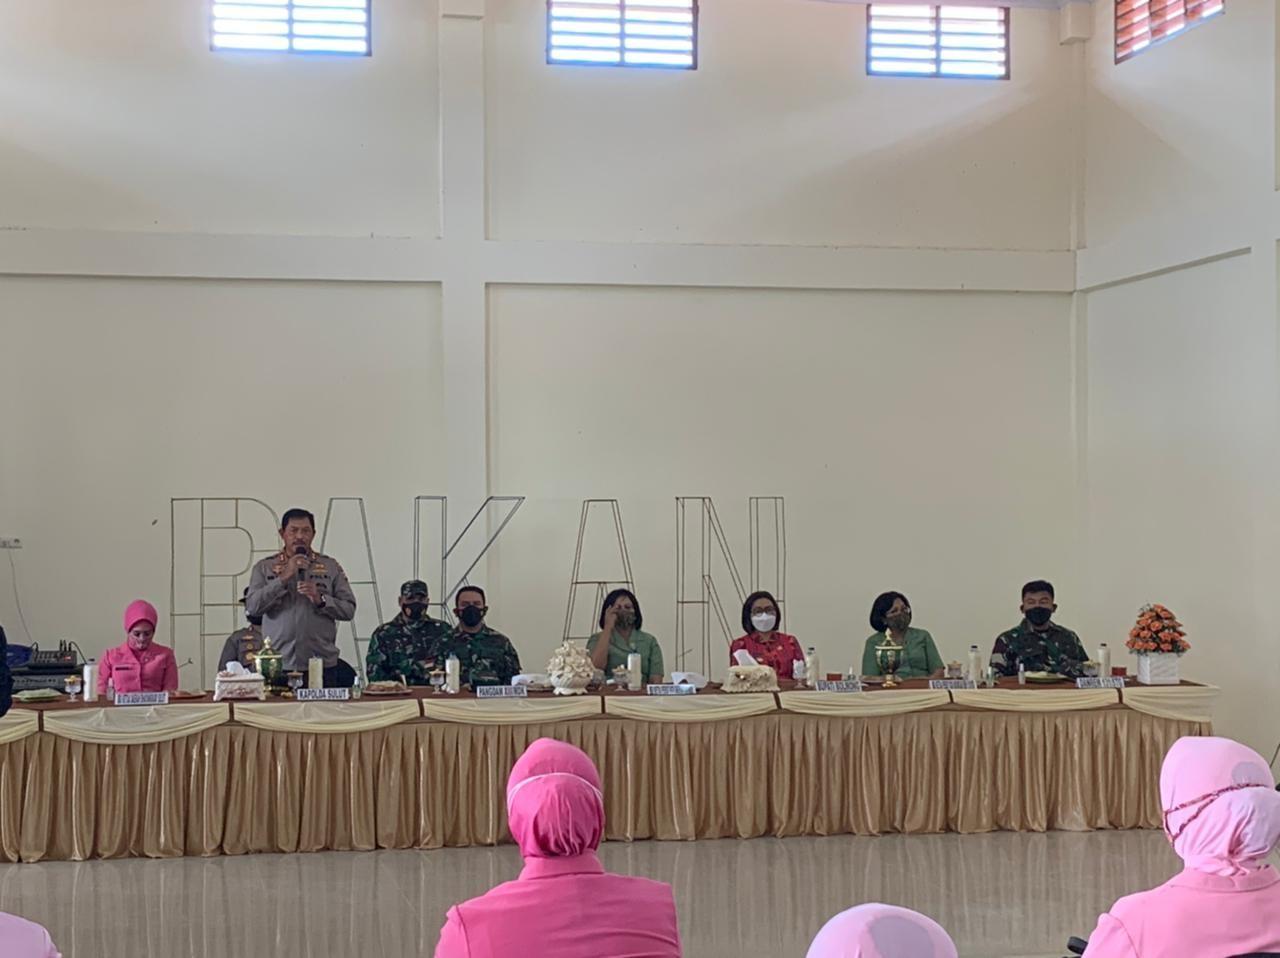 Kapolda Sulut Irjen Pol. Nana Sudjana saat memberikan sambutan dalam kegiatan kunker di Desa Bakan, Kabupaten Bolmong.